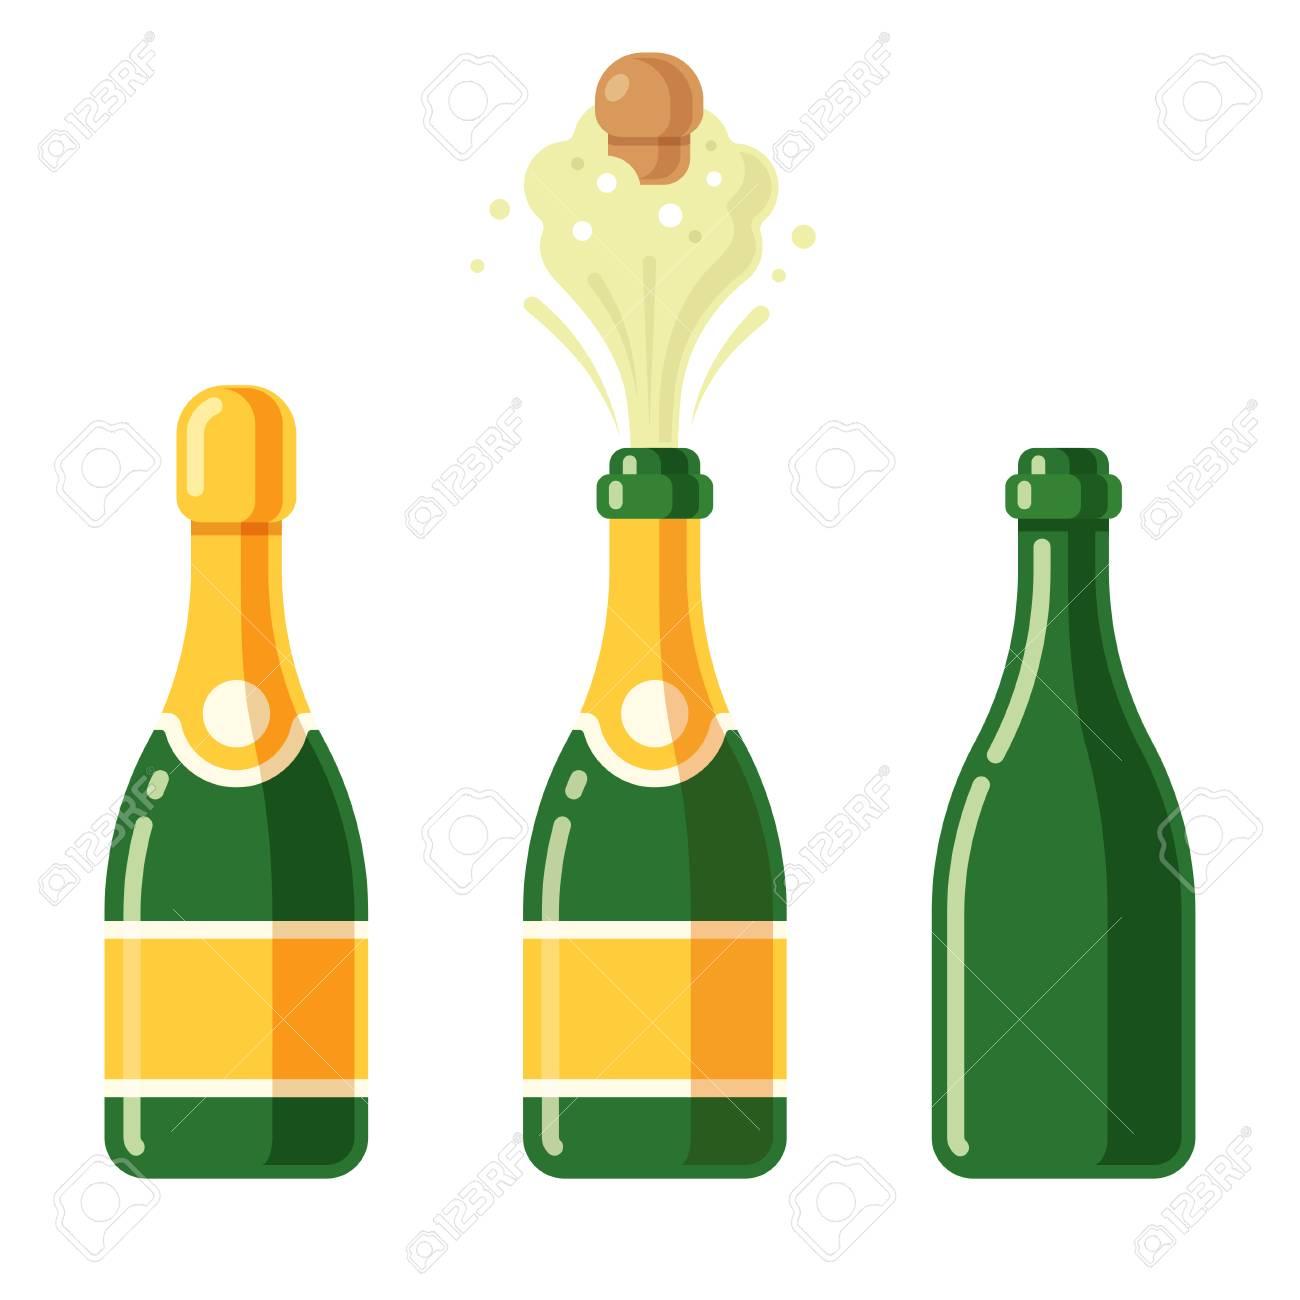 Bouteille De Champagne Dessin bouteilles de champagne dessin animé jeu d'icônes. fermé, éclater